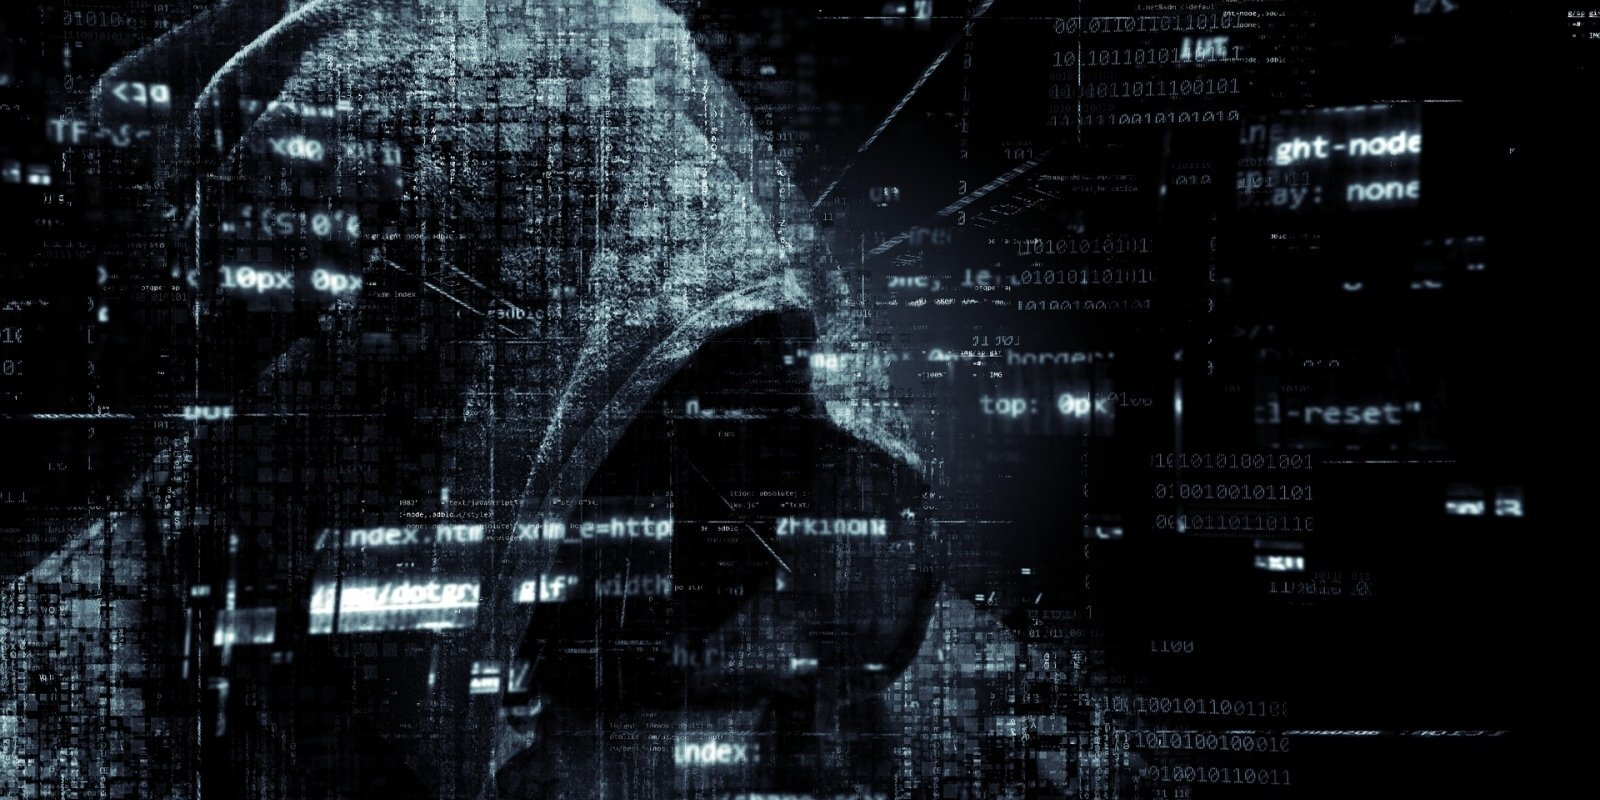 Pandēmijas laikā pasaule kļuvusi bīstamāka; tumšajā internetā pieaudzis pieprasījums pēc personu datiem